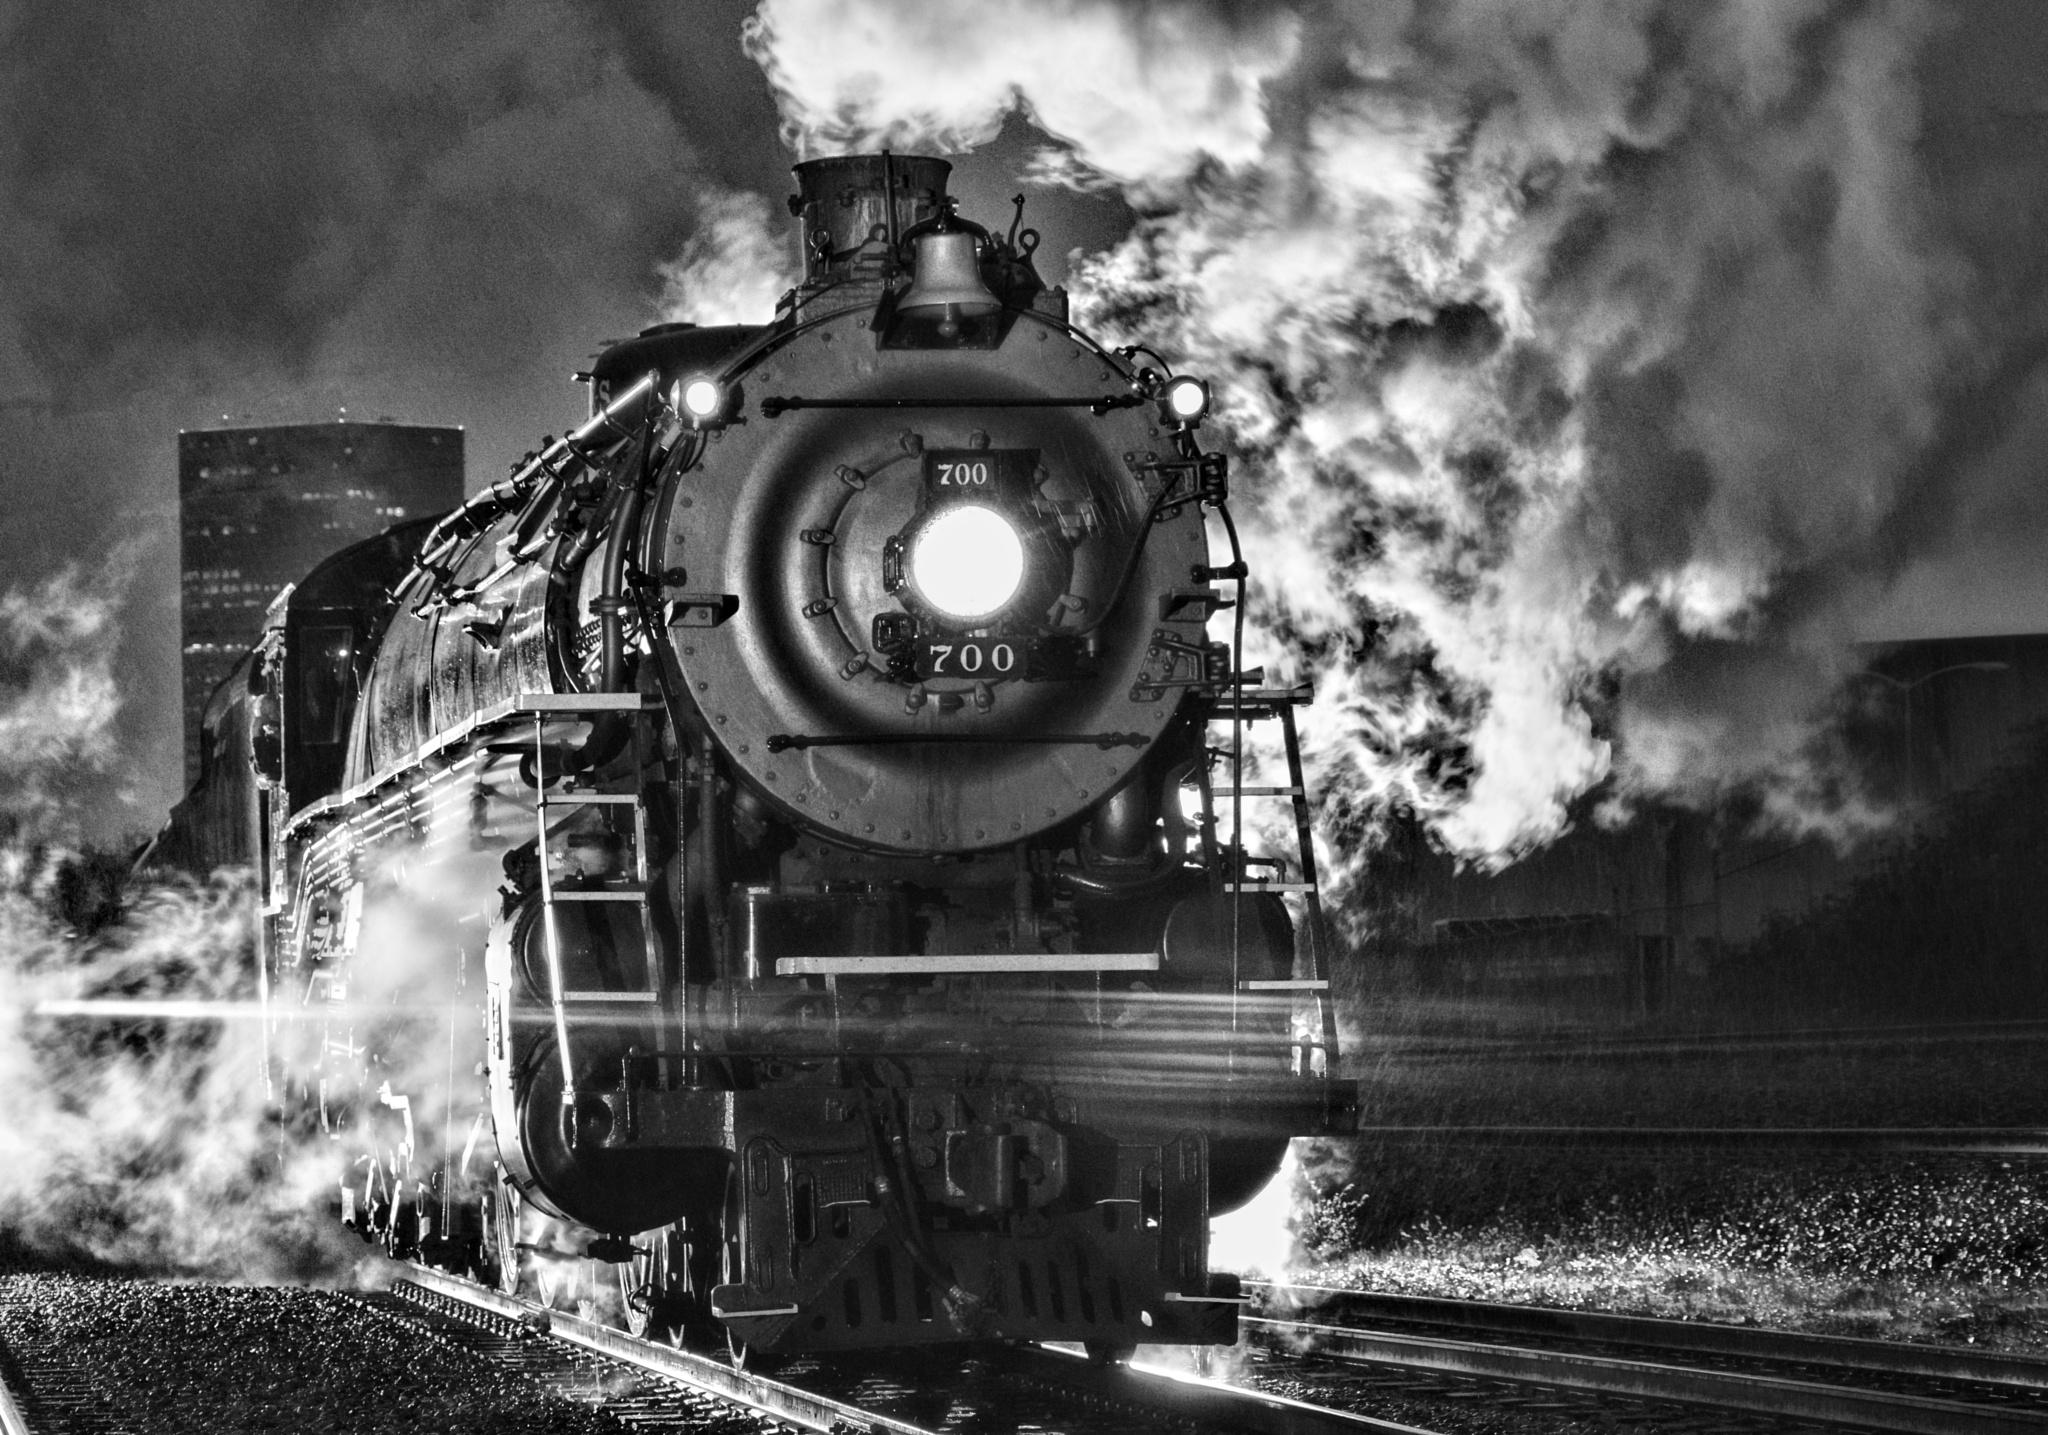 Engine 700 Night Black and White by Boonietunes